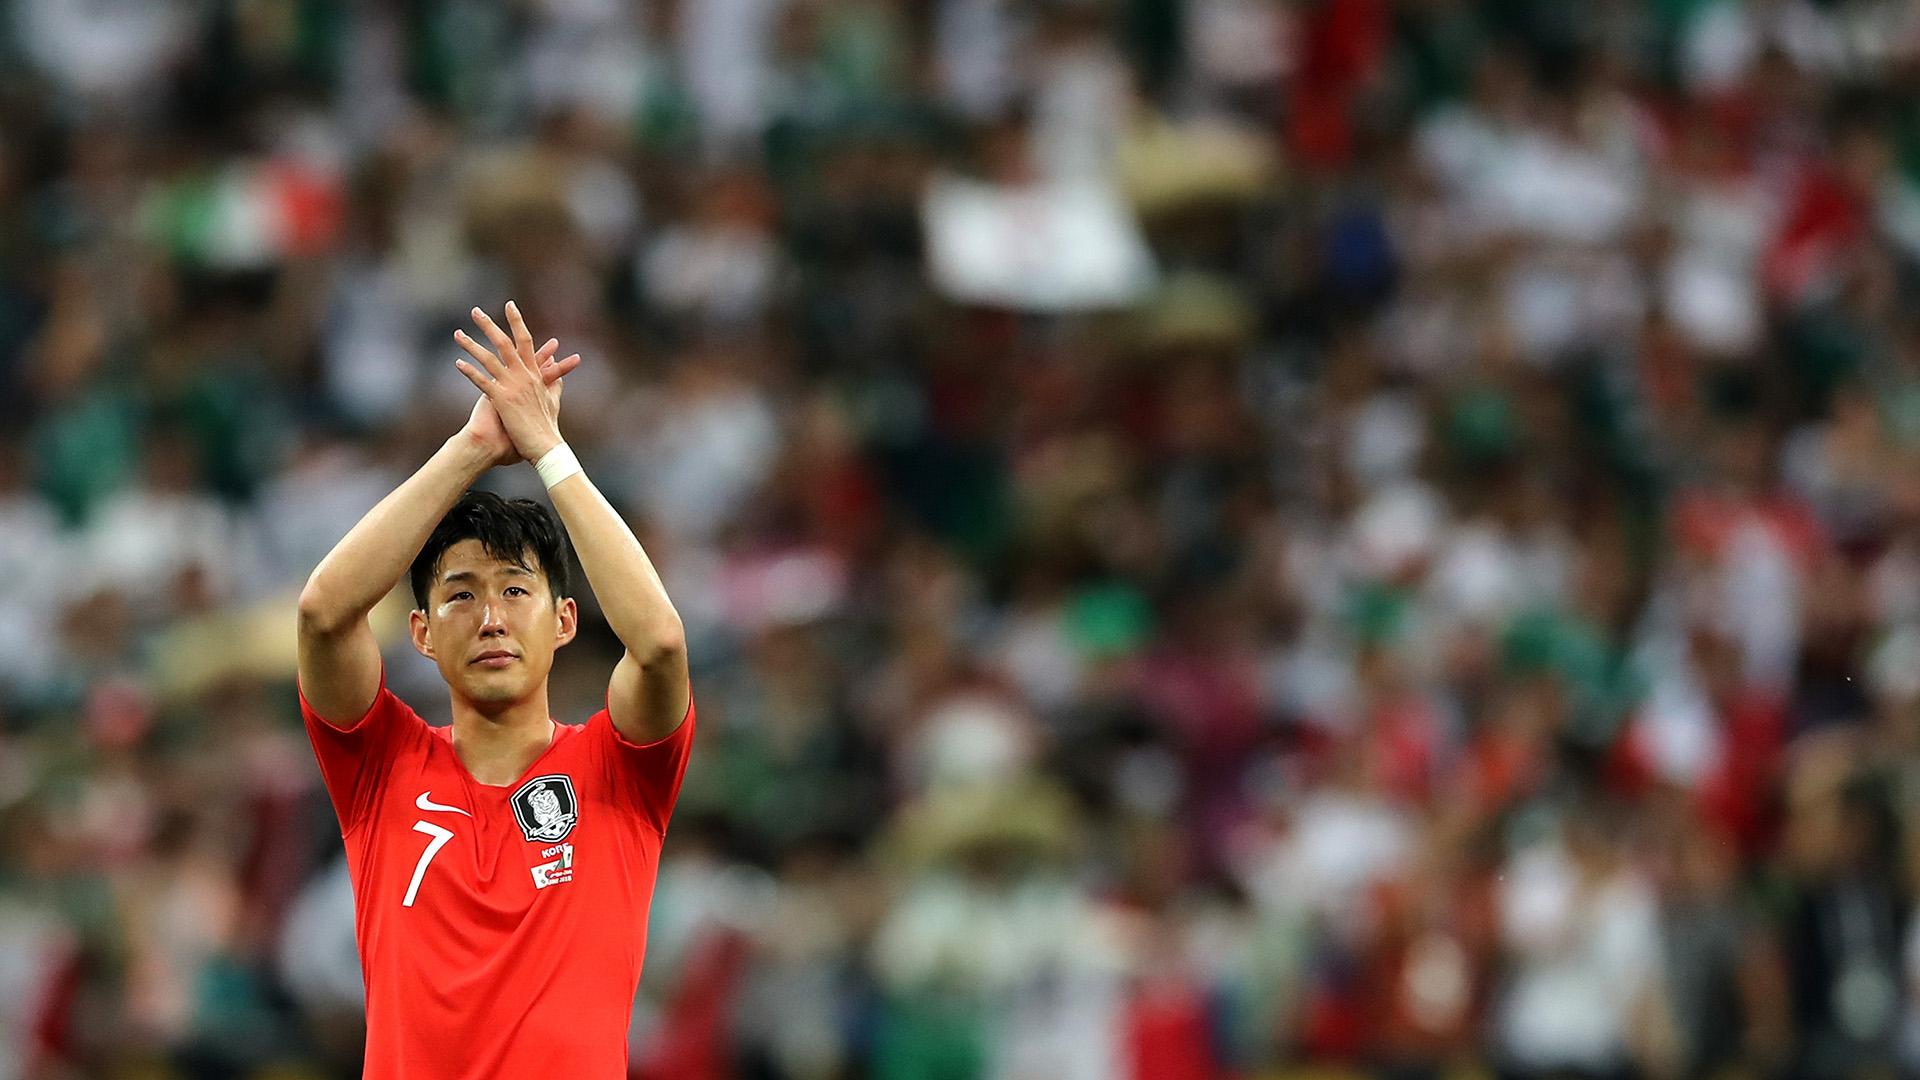 Heung-Min Sonfue la figura de Corea del Sur en el Mundial de Rusia 2018(Getty Images)